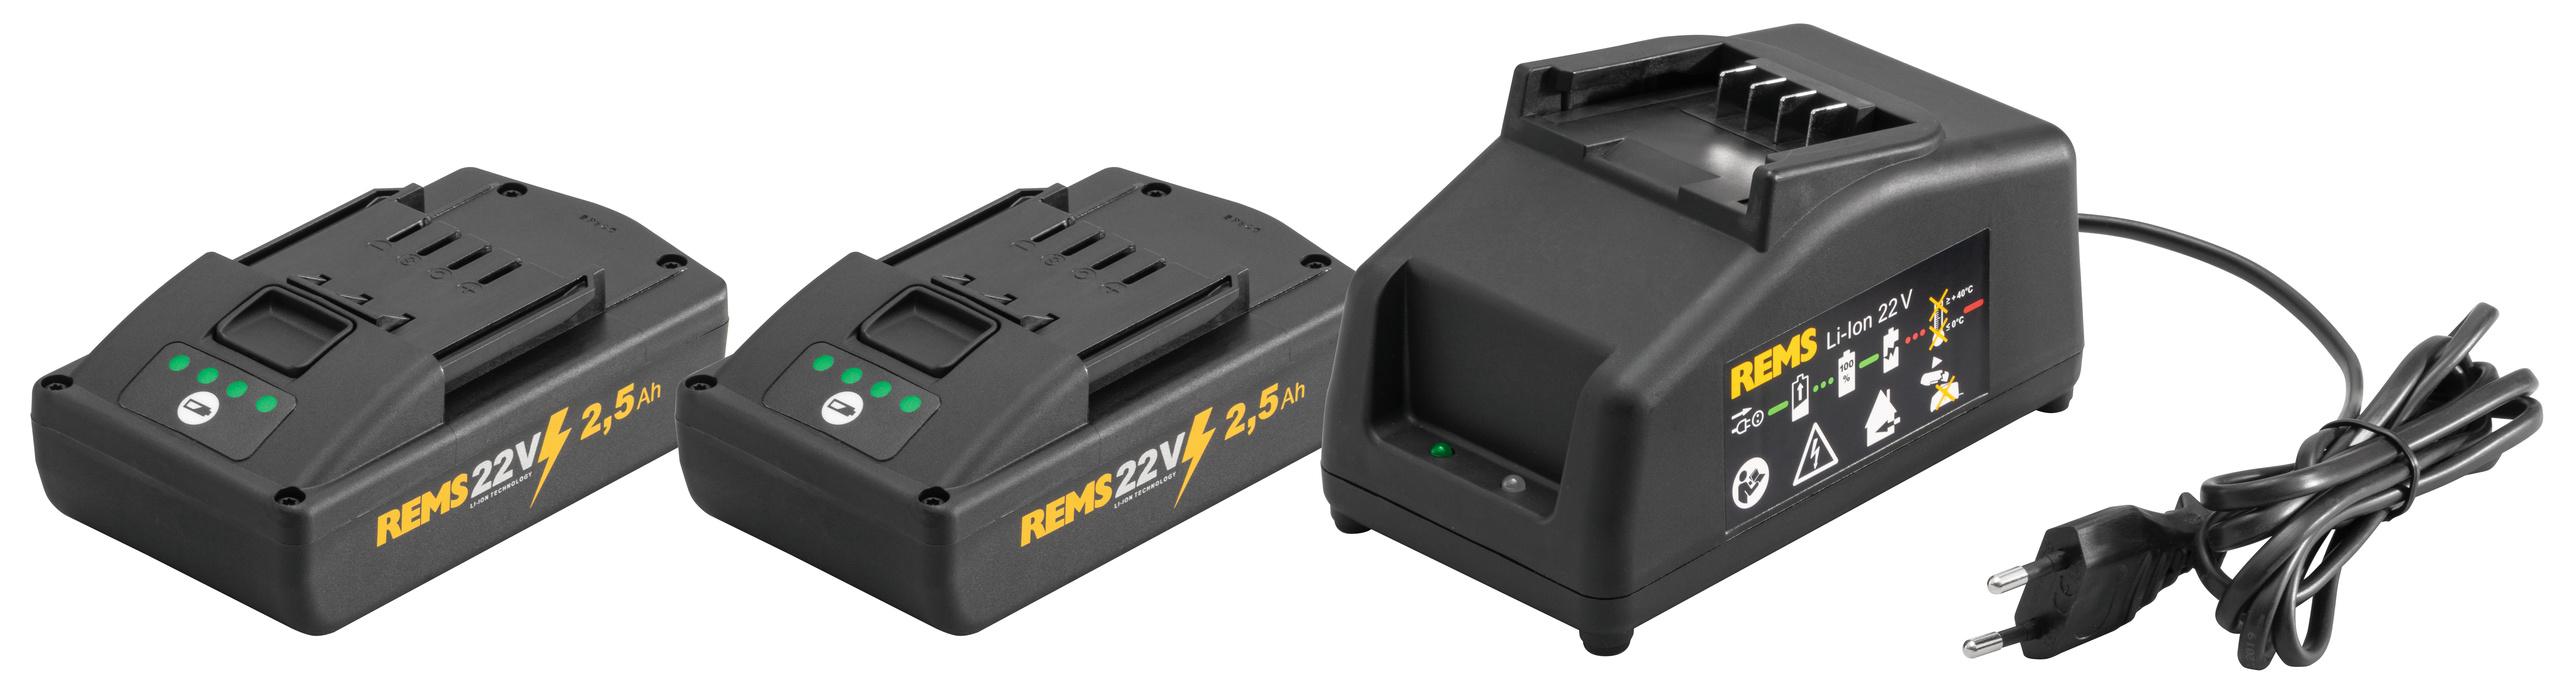 <br/>REMS Power-Pack 22V, 2,5Ah